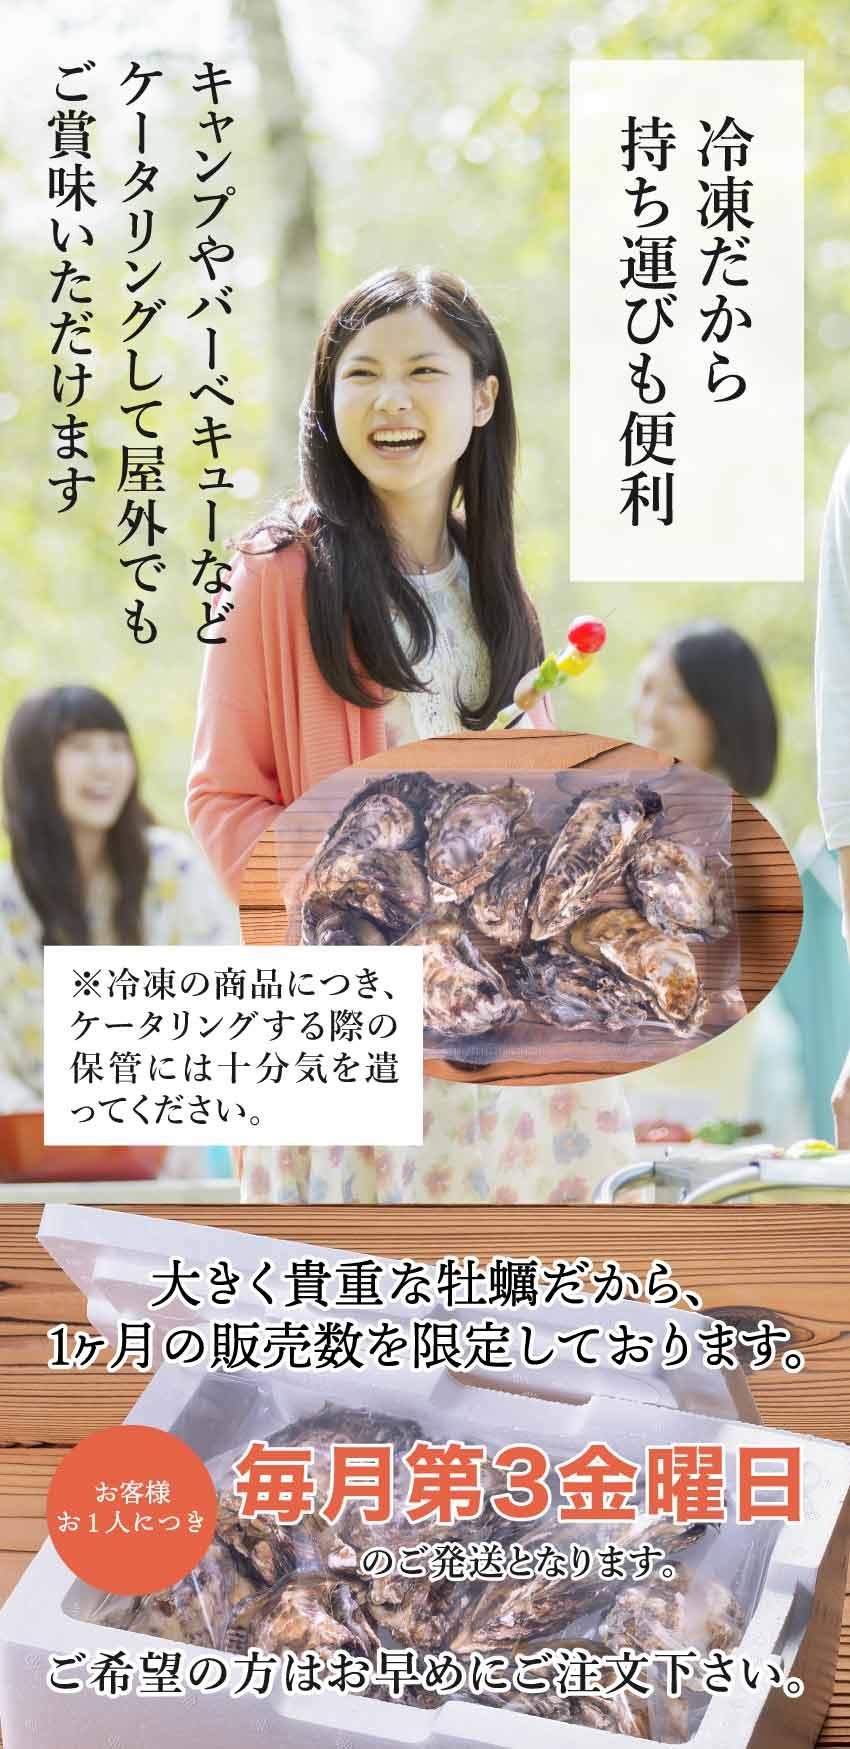 冷凍牡蠣販売・牡蠣の磯煮販売ページ8